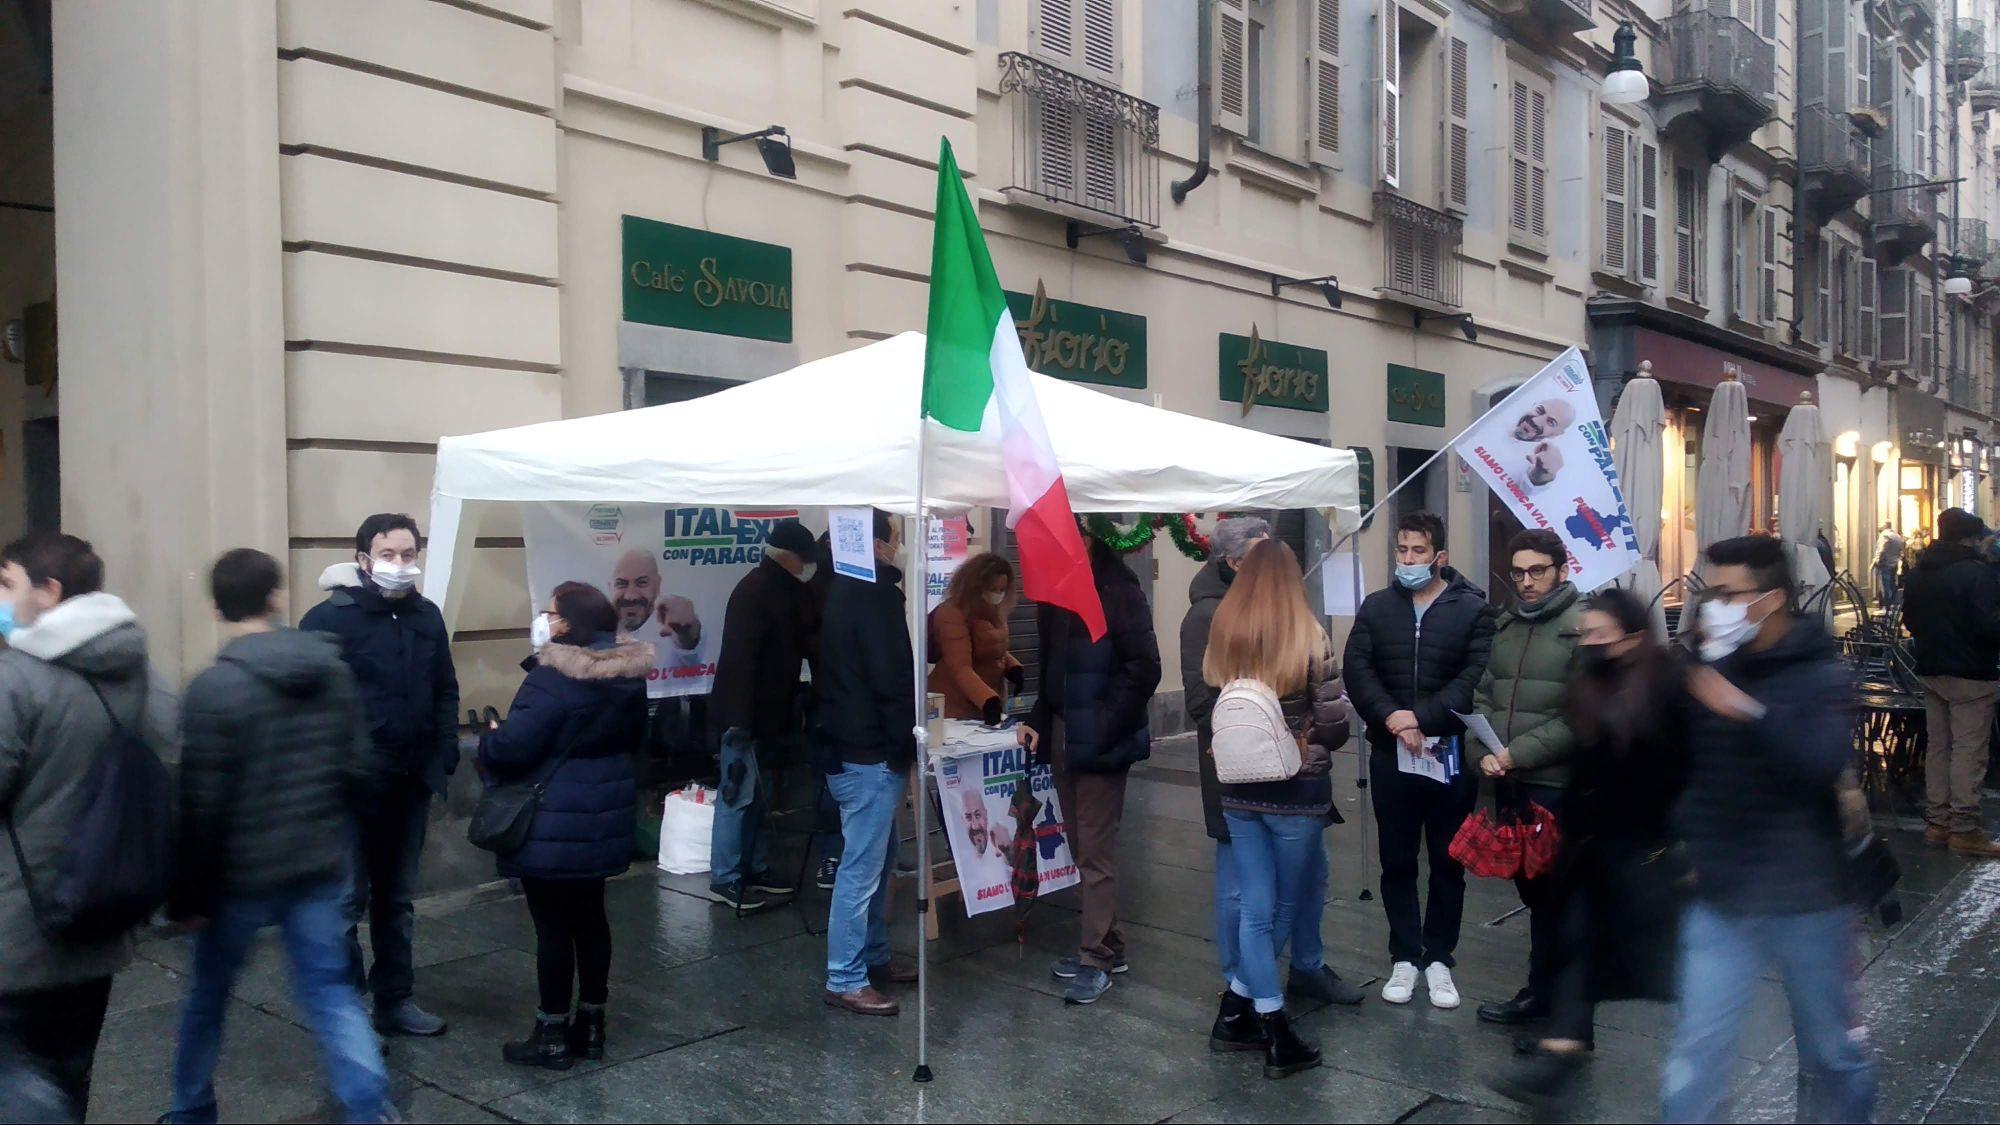 Banchetto Italexit in via Roma a Torino